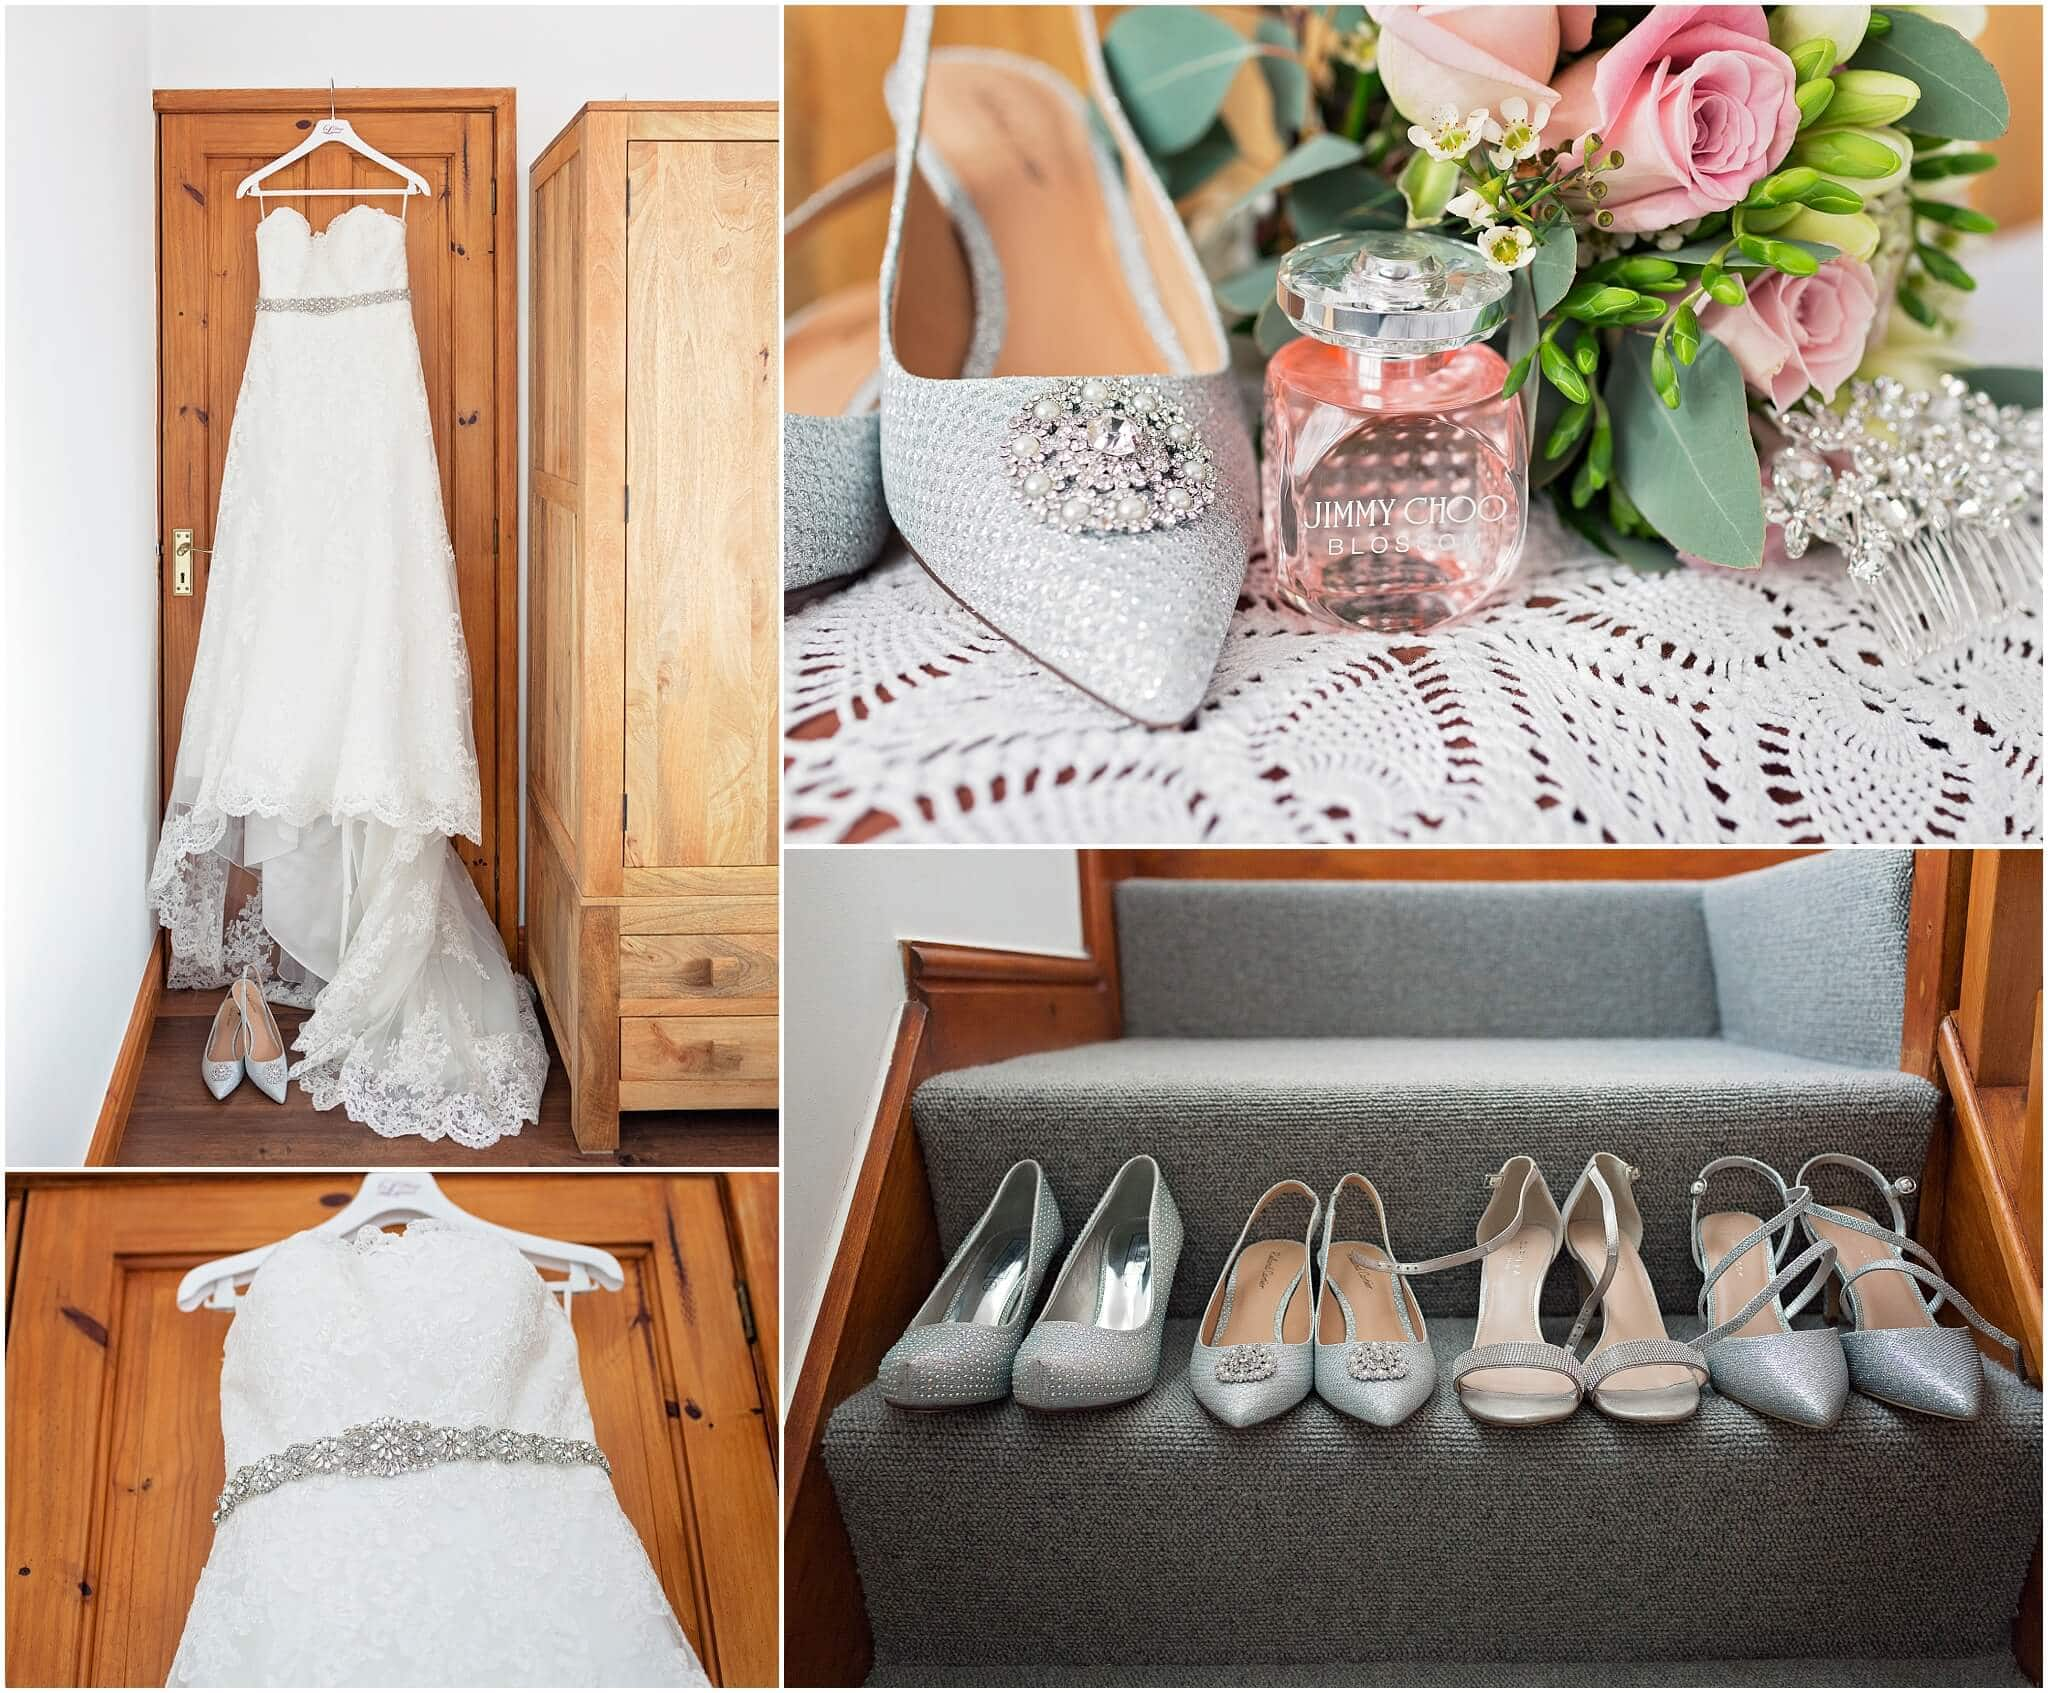 Maison de le bride wedding dress